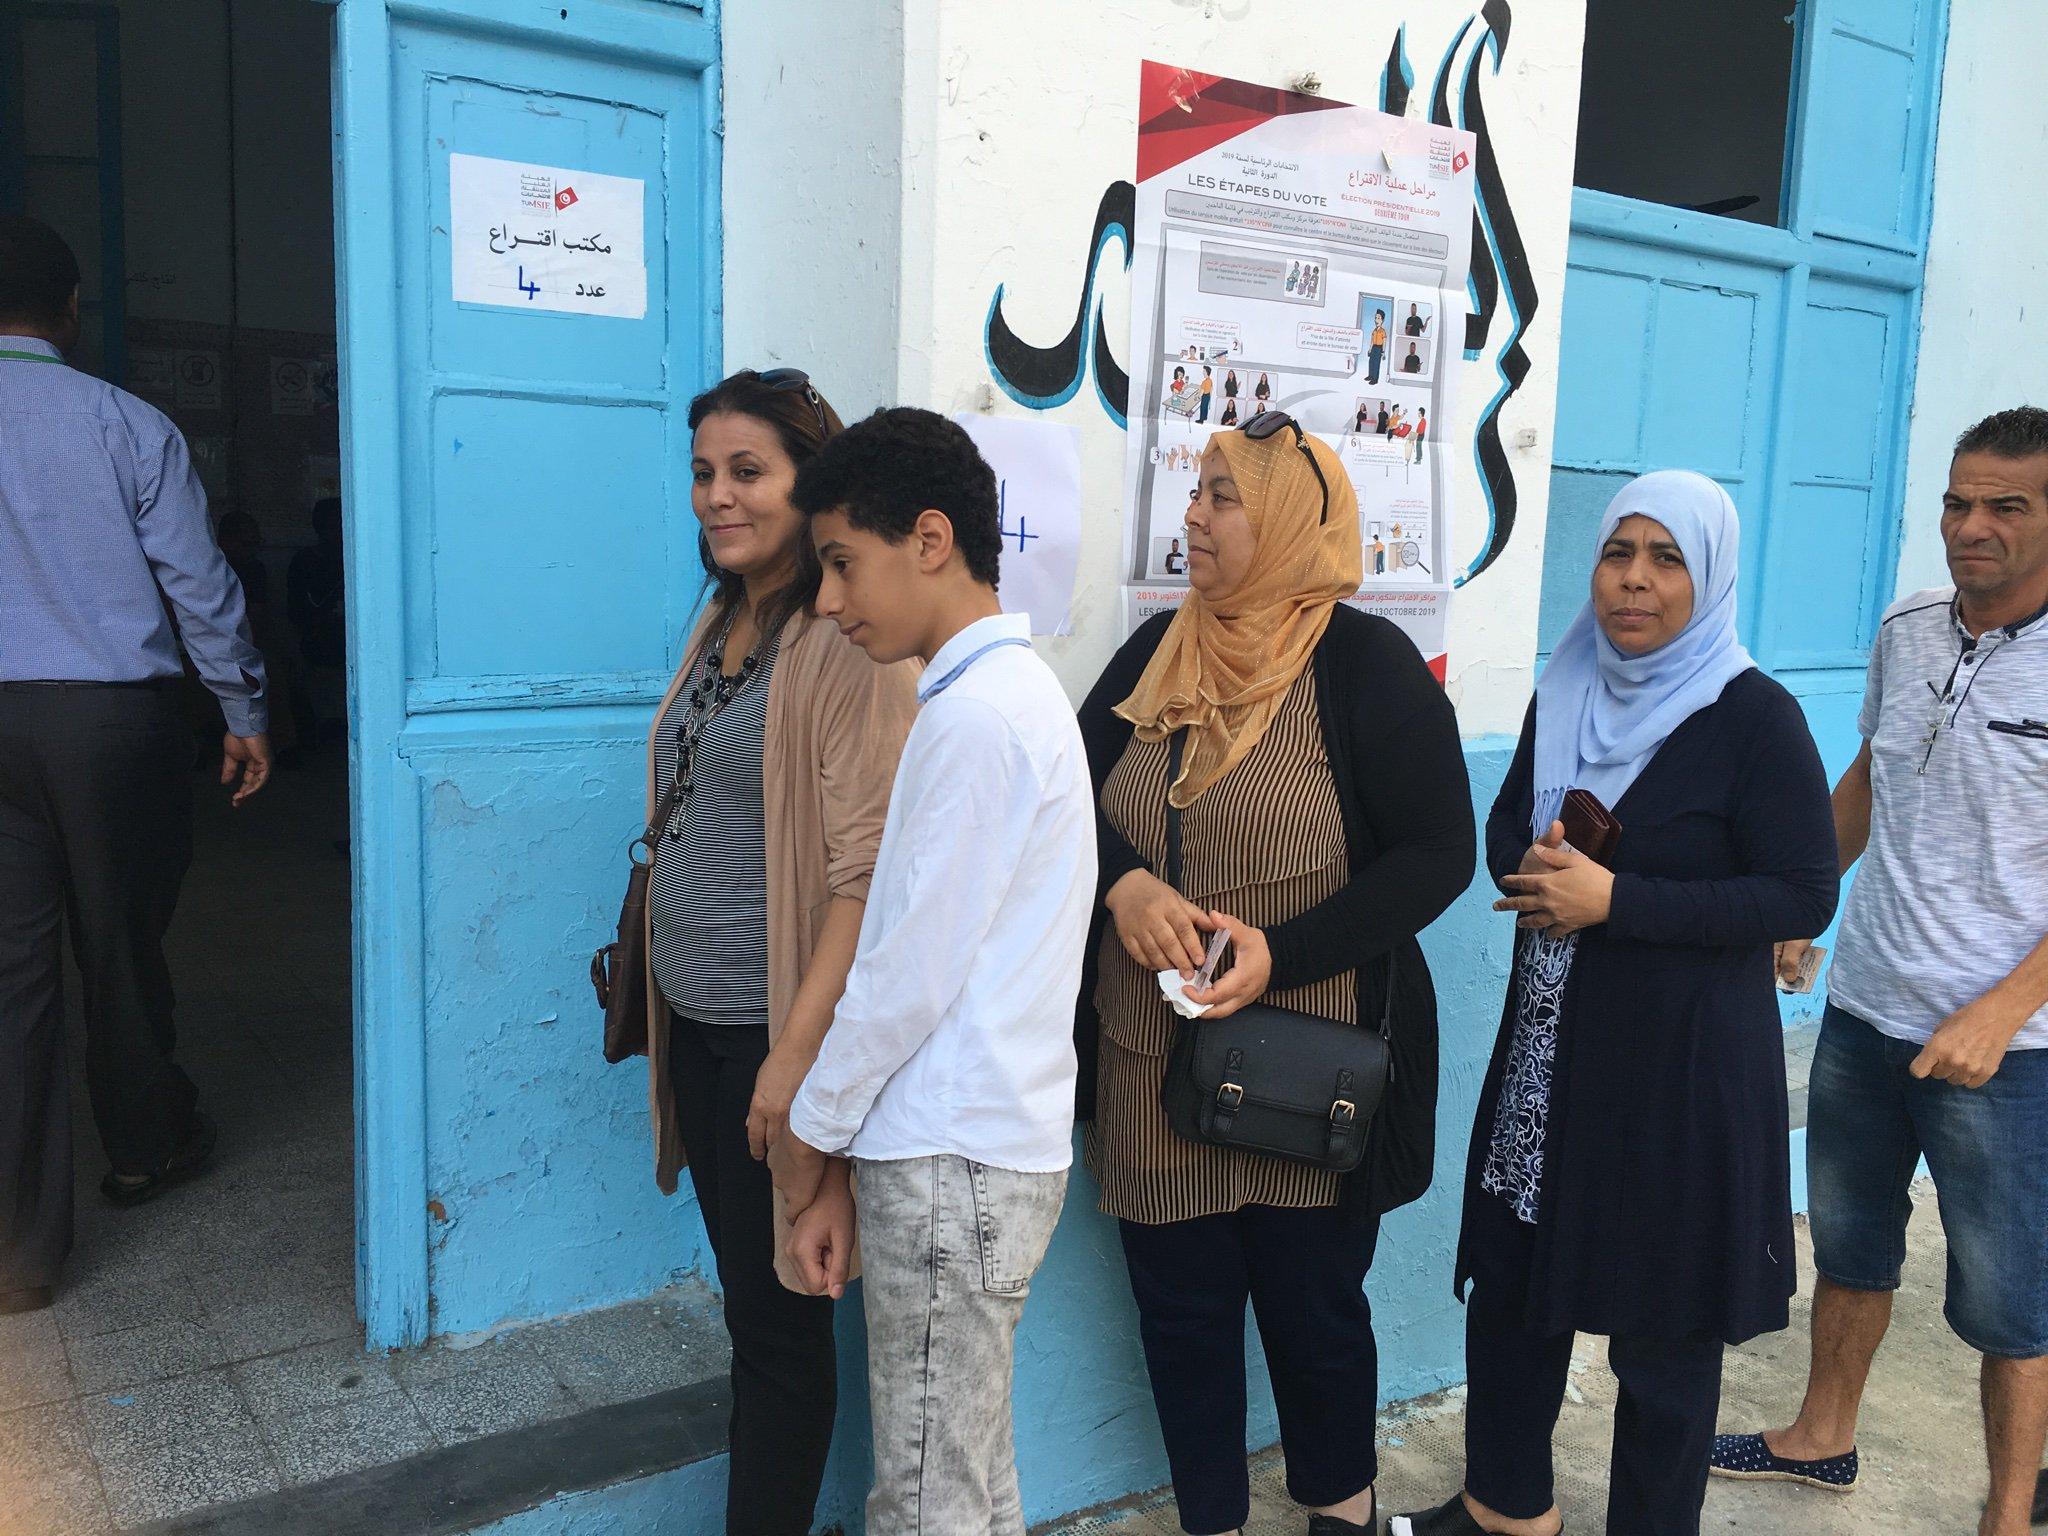 الانتخابات الرئاسية في تونس: نسبة المشاركة تبلغ 17.8 بالمئة عند منتصف النهار